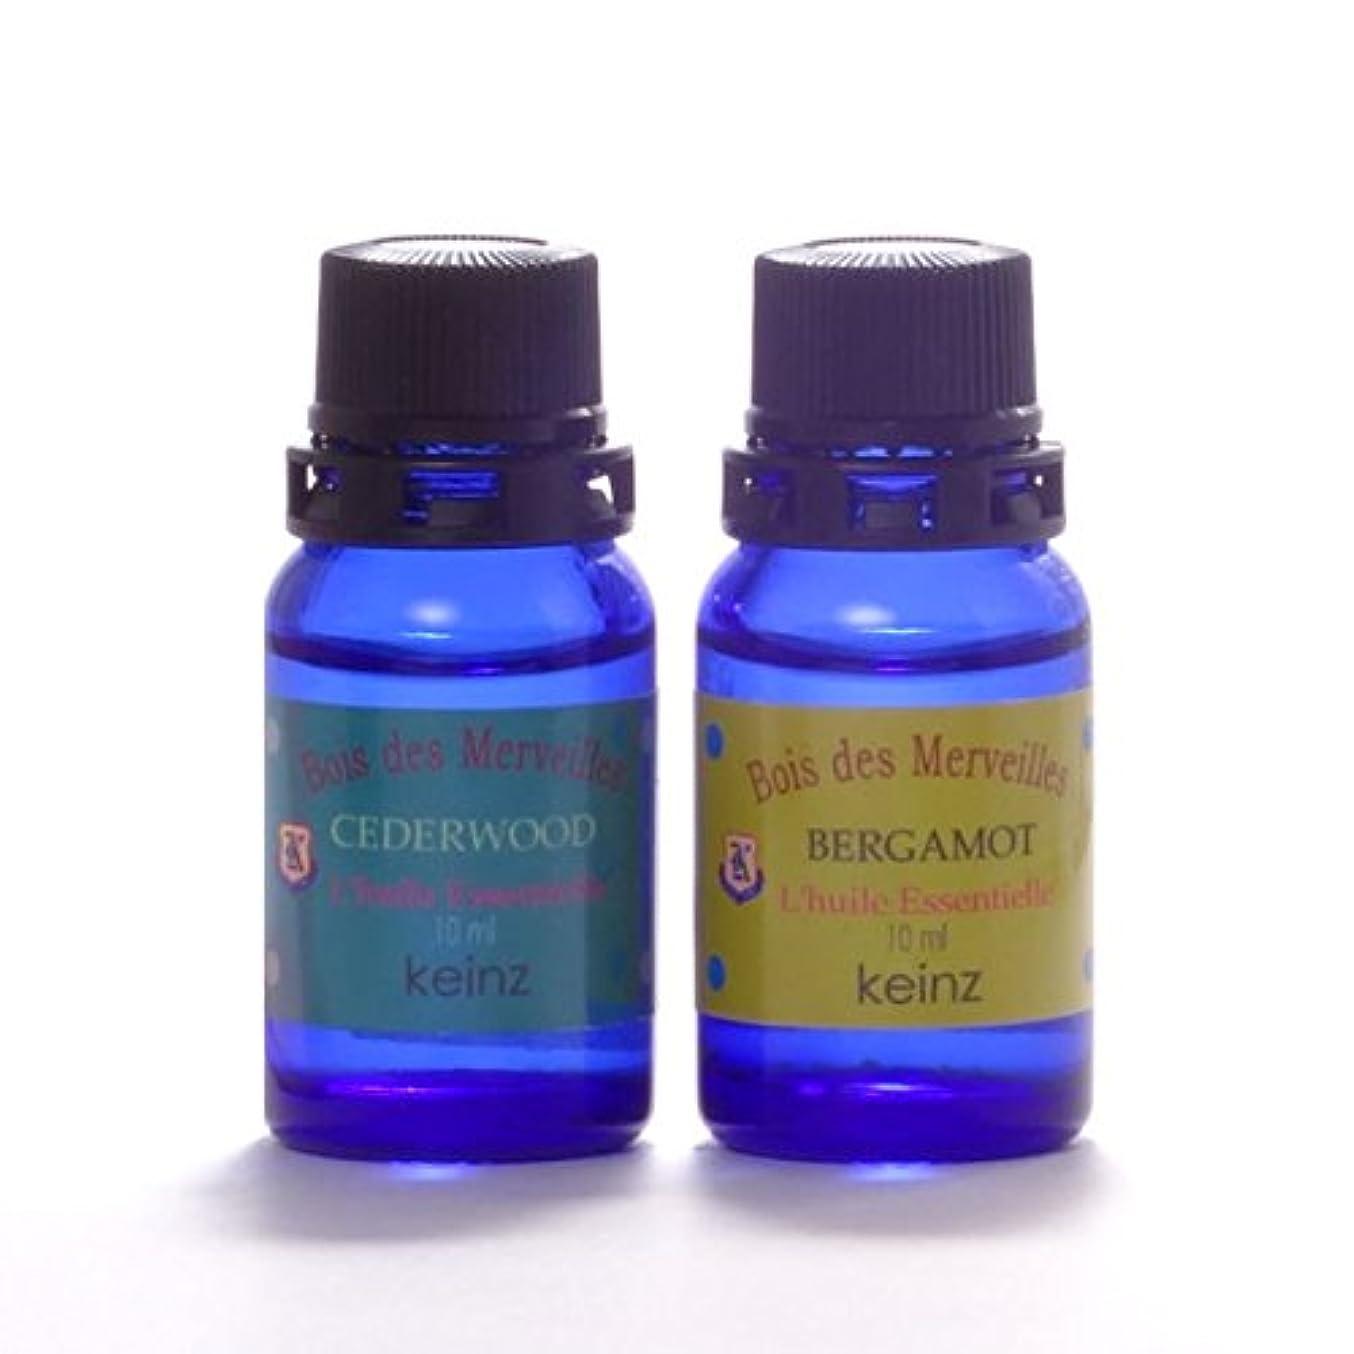 夕暮れ歯科医ラベルkeinzエッセンシャルオイル「シダーウッド10ml&ベルガモット10ml」2種1セット ケインズ正規品 製造国アメリカ 水蒸気蒸留法による100%無添加精油 人工香料は使っていません。